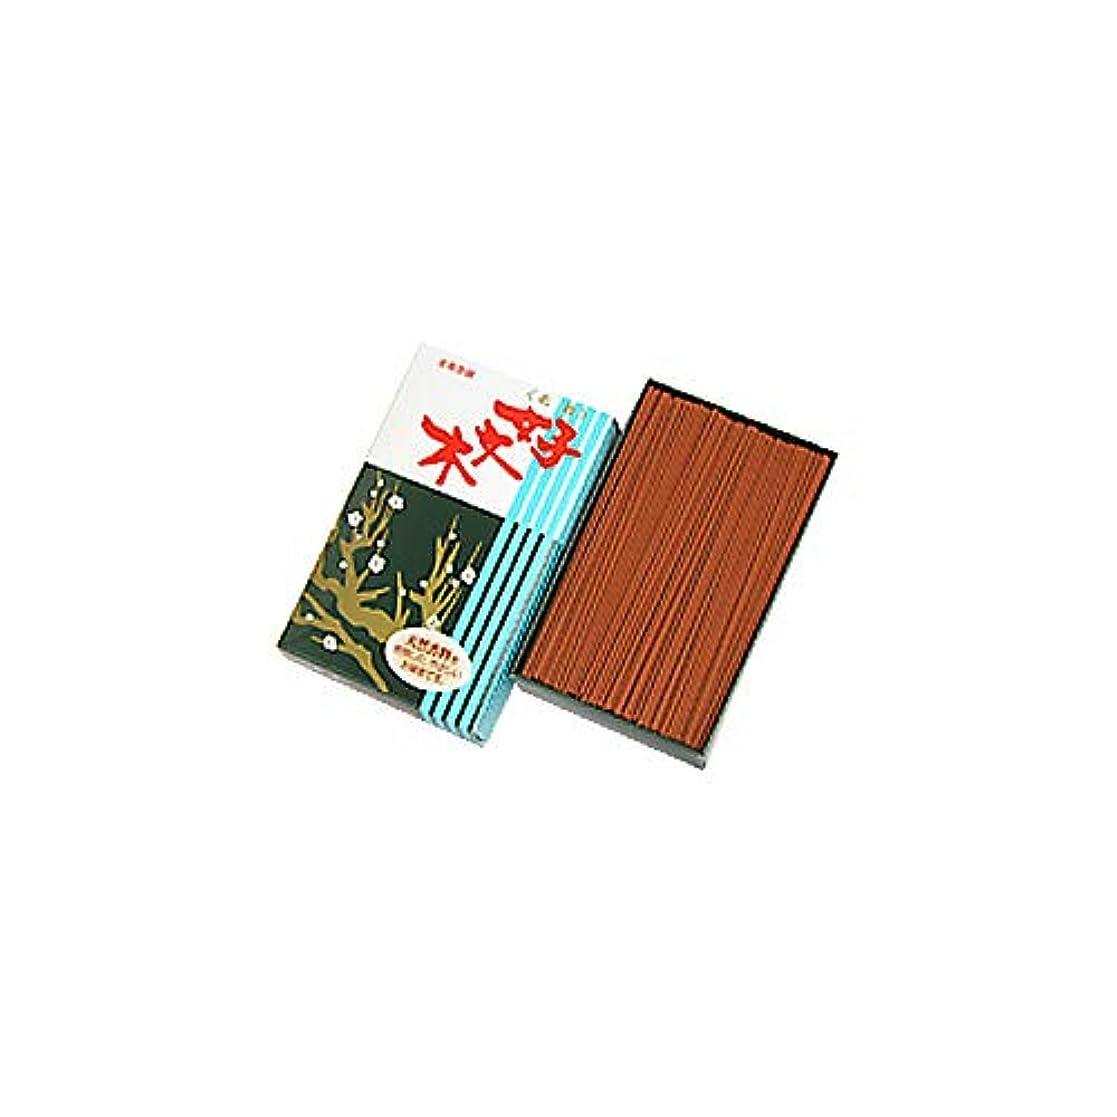 メモまどろみのあるシーサイド家庭用線香 好文木 お徳用大型バラ詰(箱寸法15×9.5×4cm)◆さわやかな白檀の香りのお線香(梅栄堂)